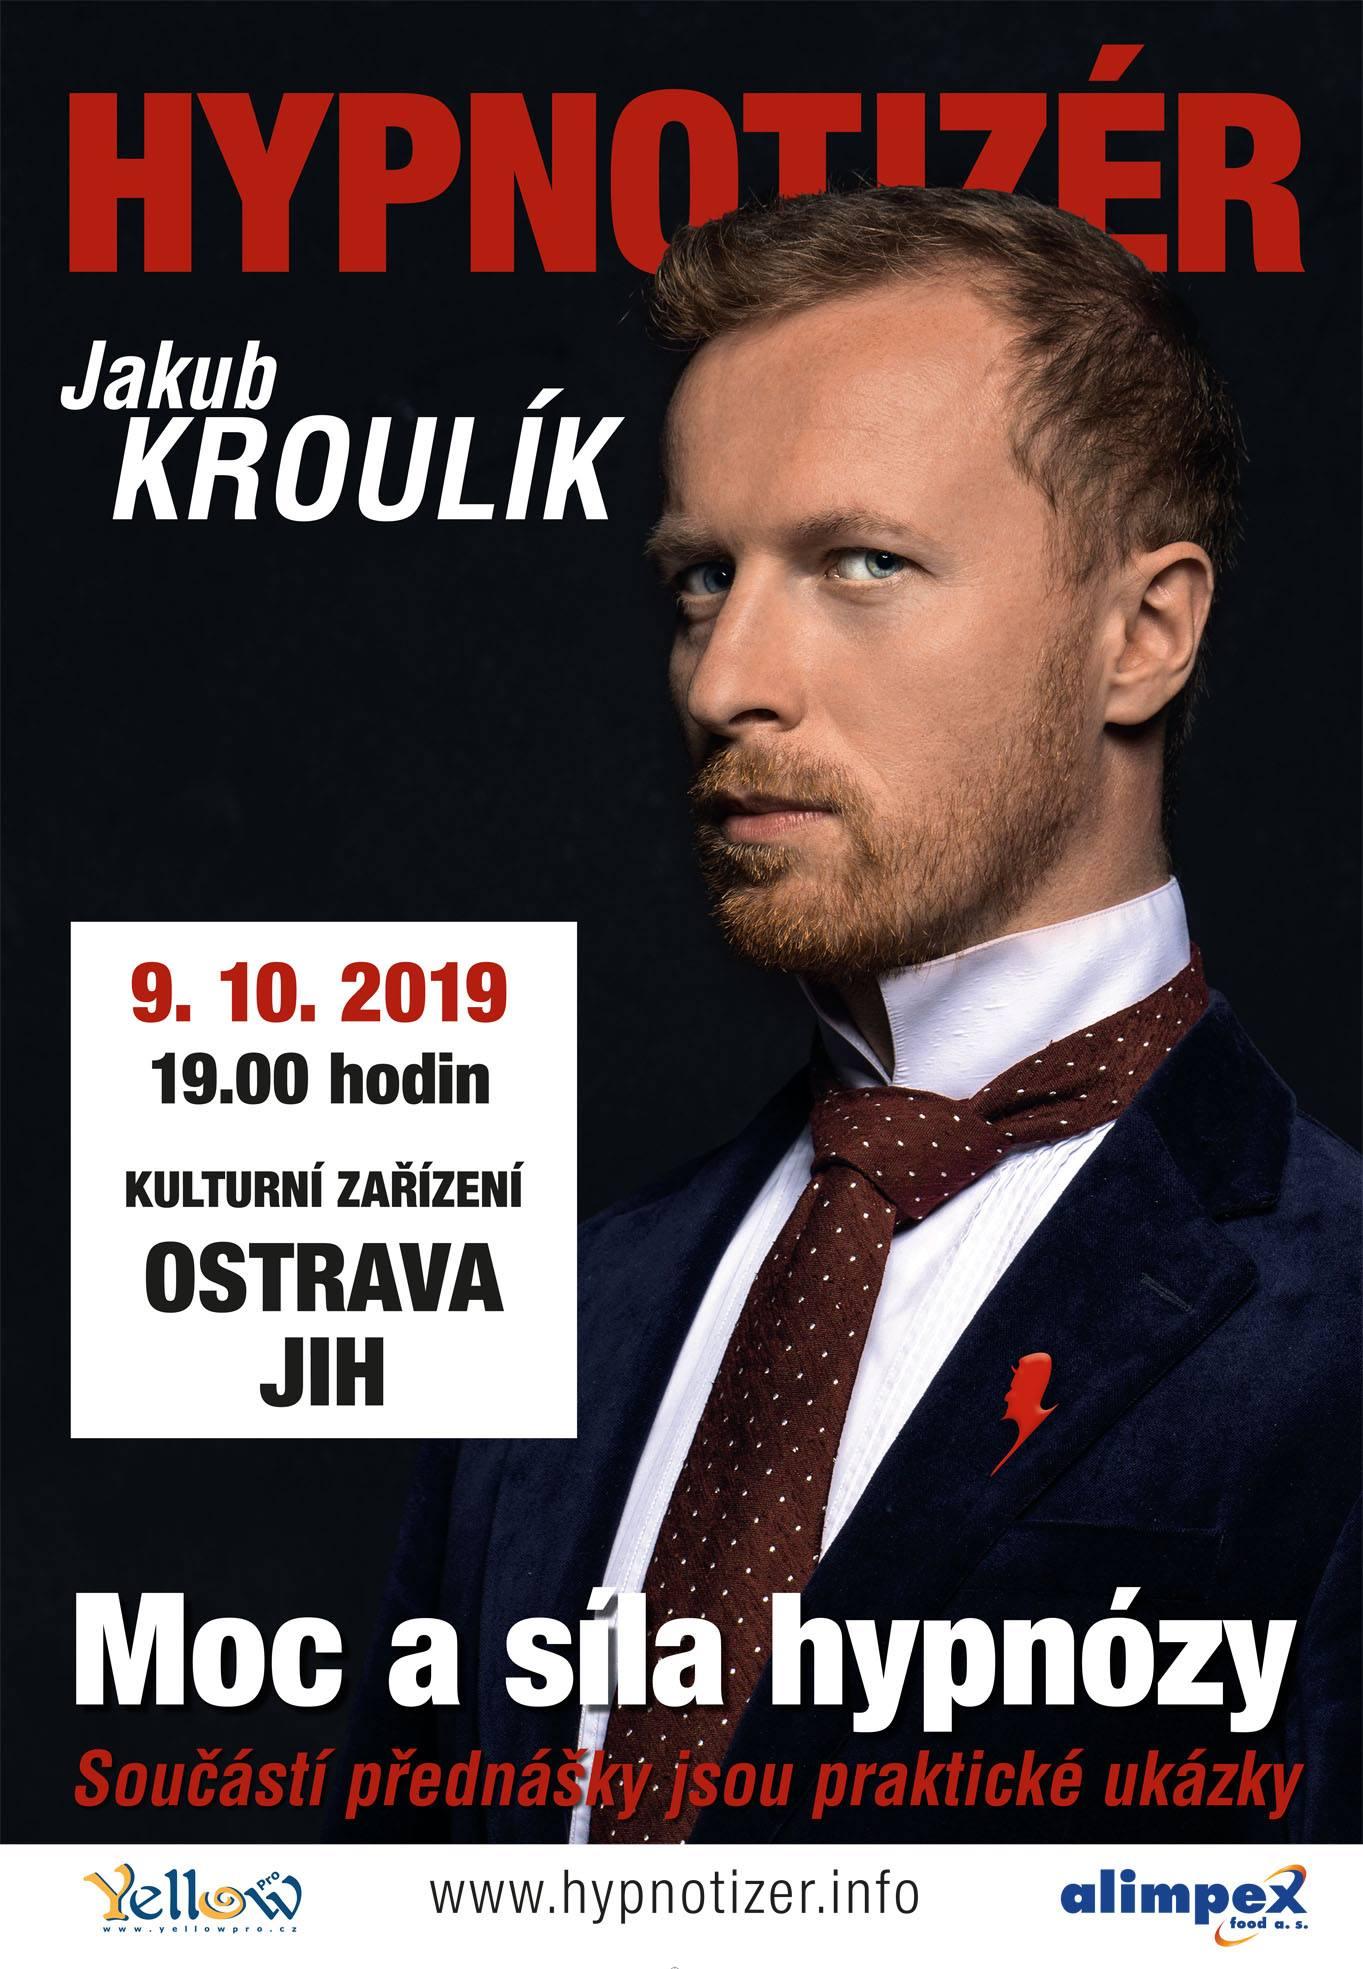 Hypnotizér Jakub Kroulík v Ostravě